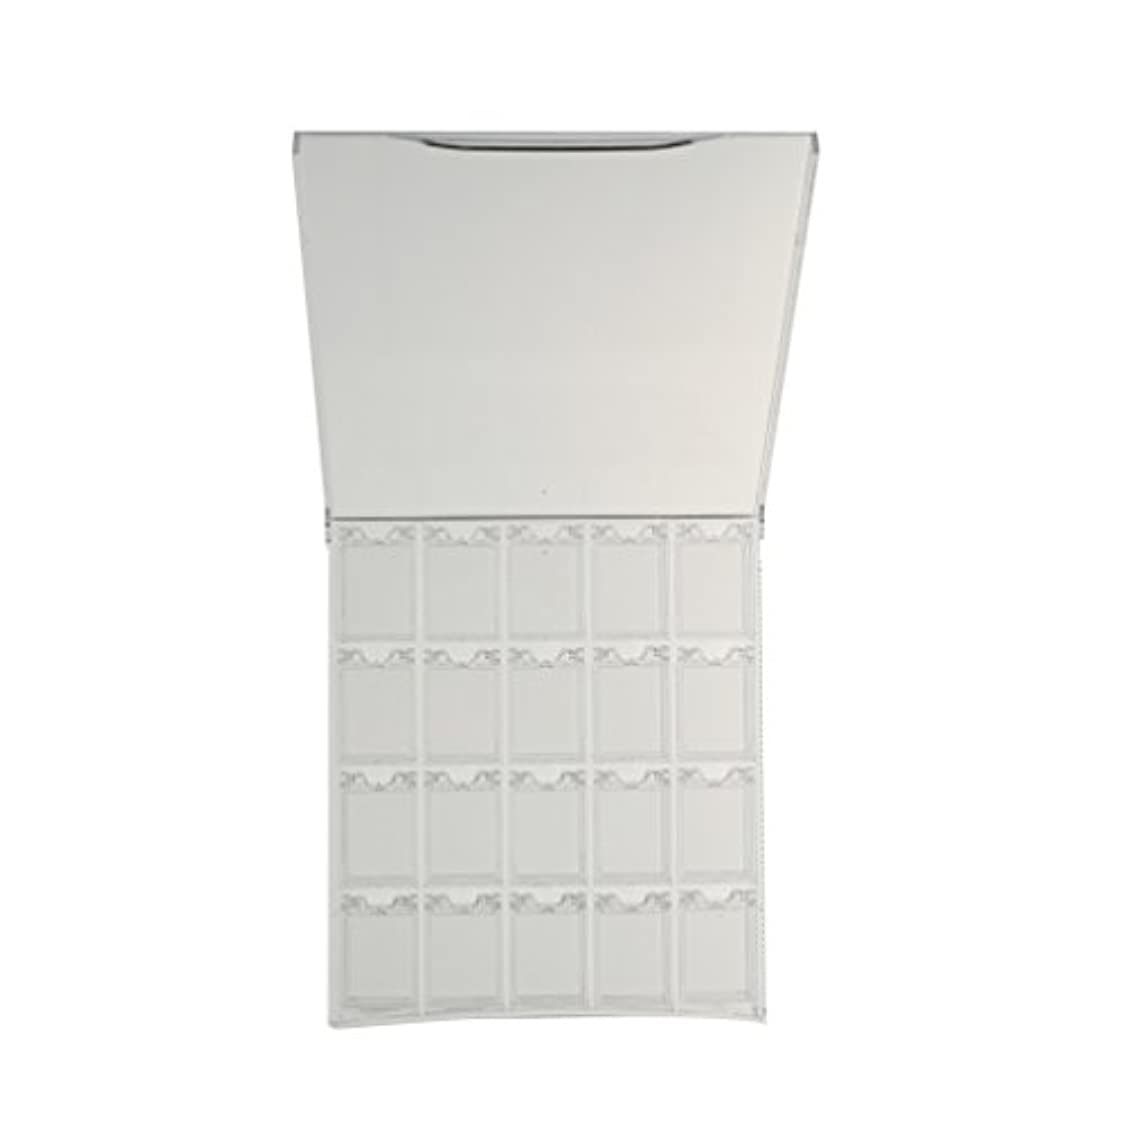 虐待考慮水銀のCUTICATE 空のプラスチック製のネイルアートケースグリッターパウダーディスプレイボックス容器ホルダーケース